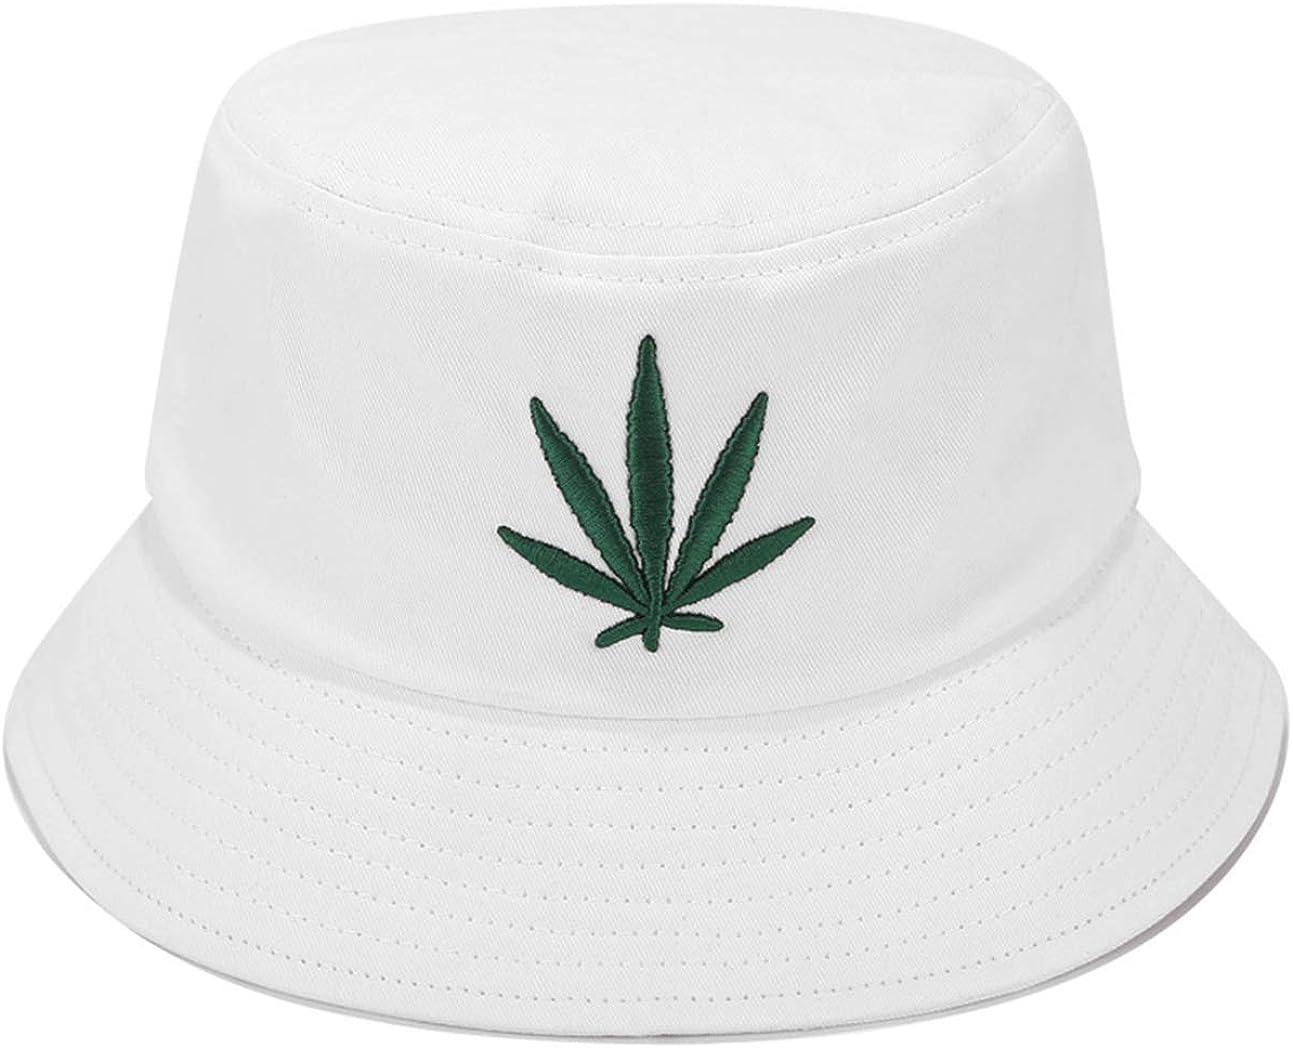 Marijuana Leaf Bucket Hat...